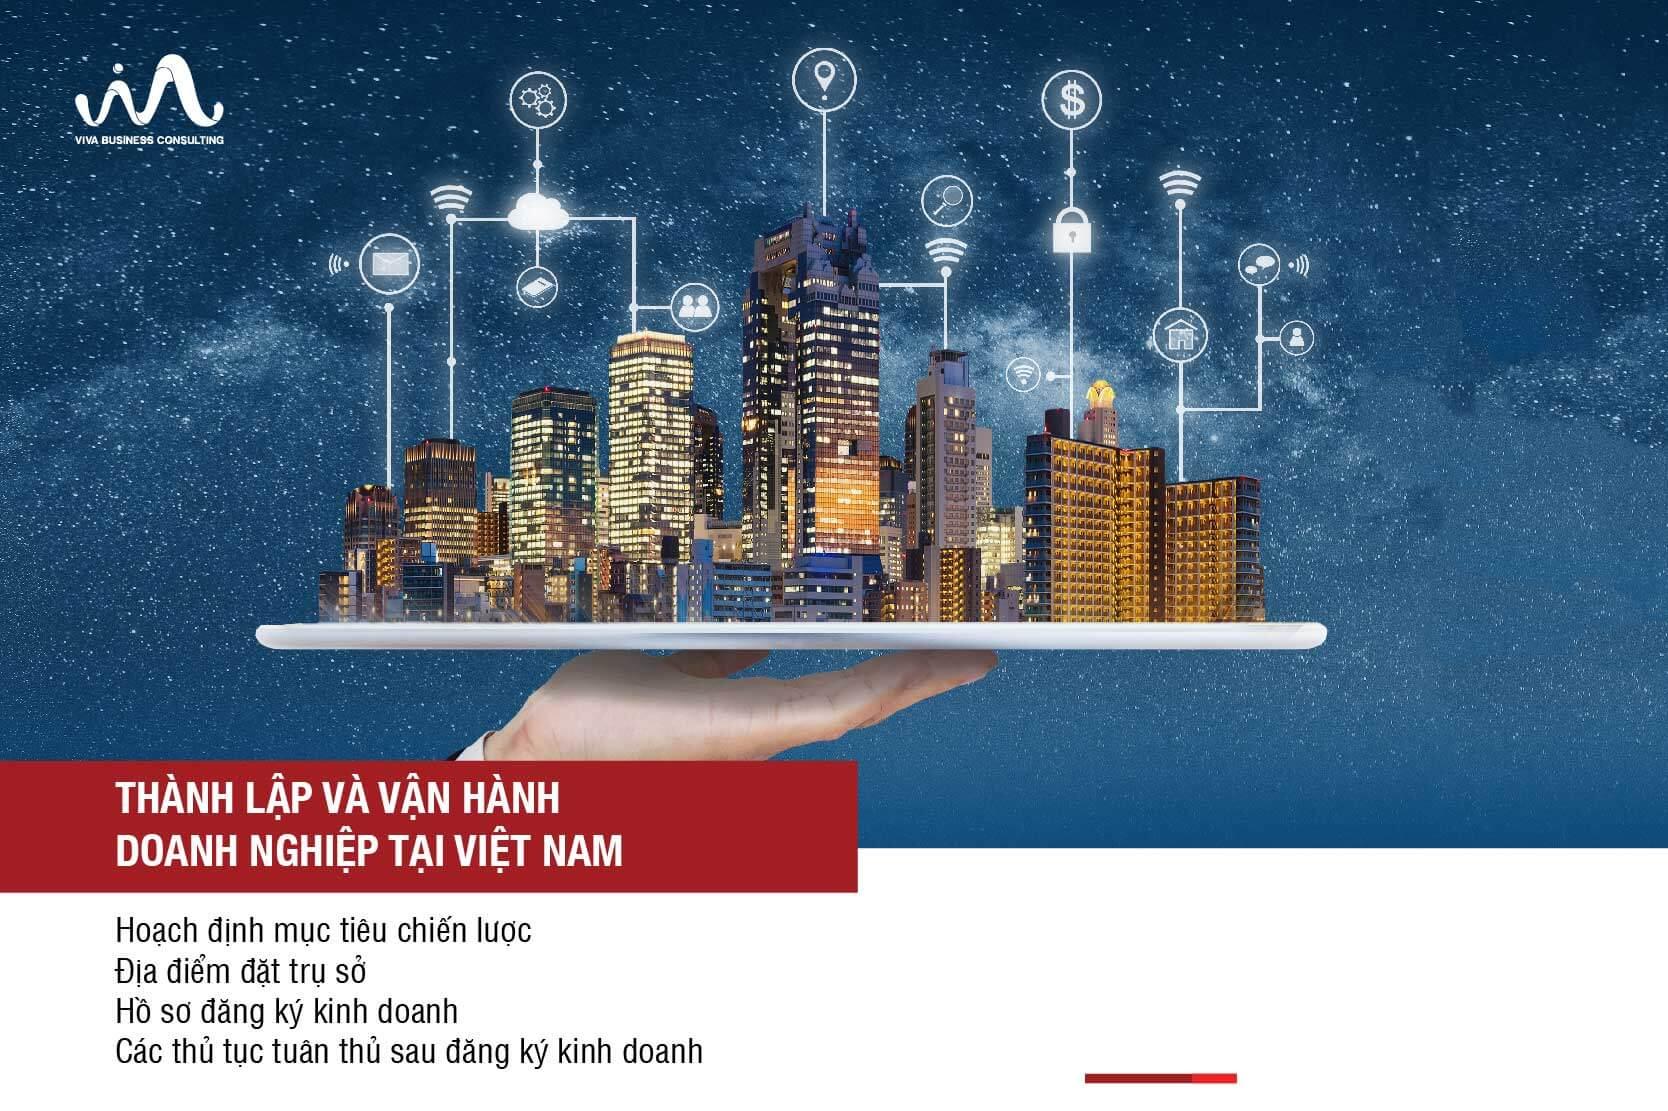 Thành Lập Và Vận Hành Doanh Nghiệp Tại Việt Nam